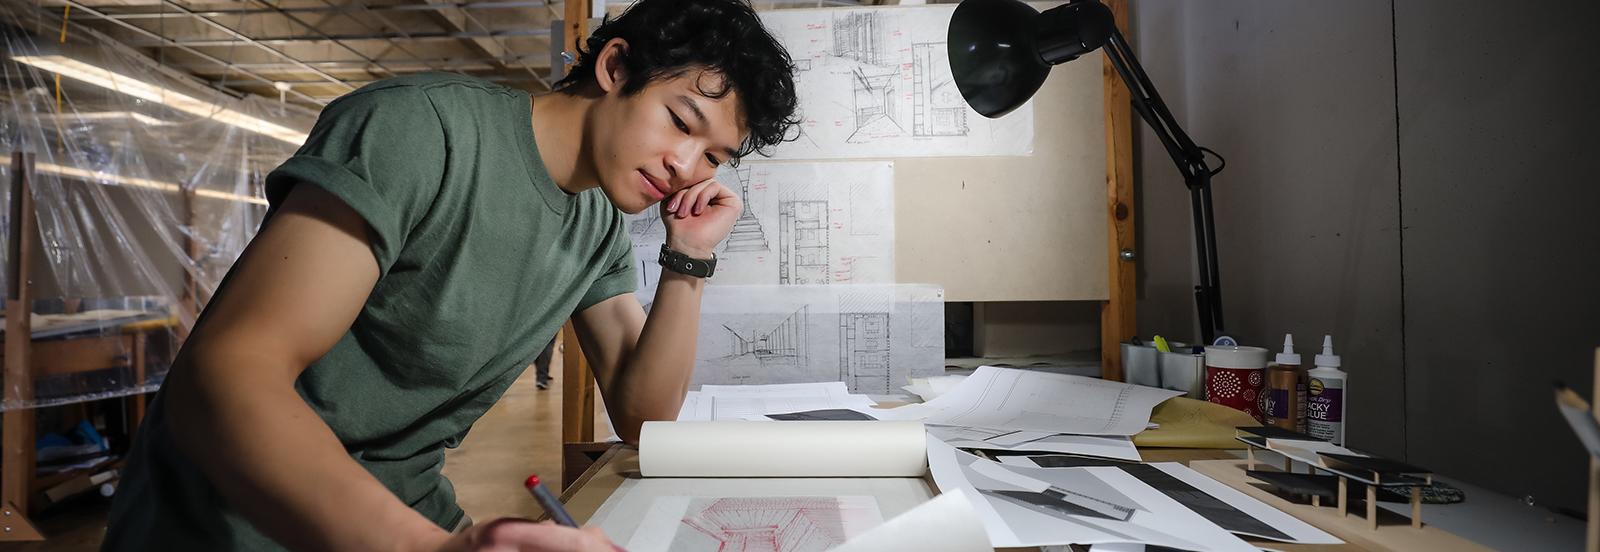 male architecture student